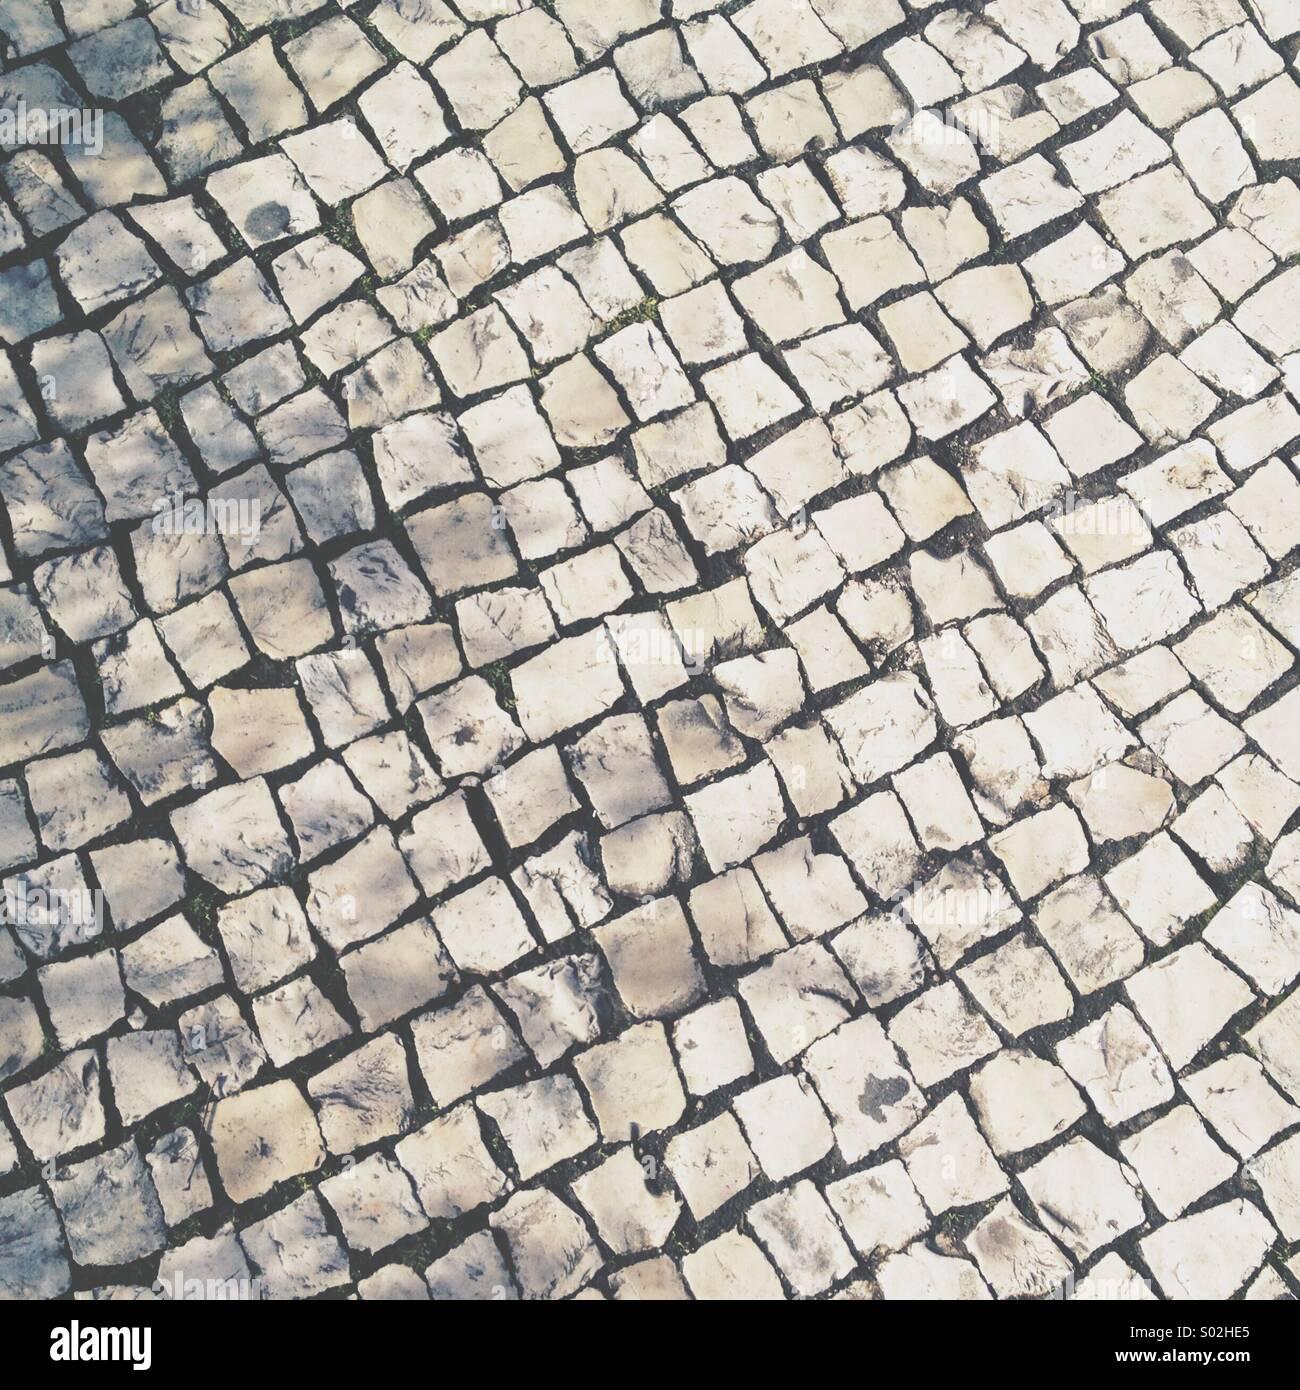 Typische portugiesische Straße Plasterung, gepflasterten Steinen. Stockbild